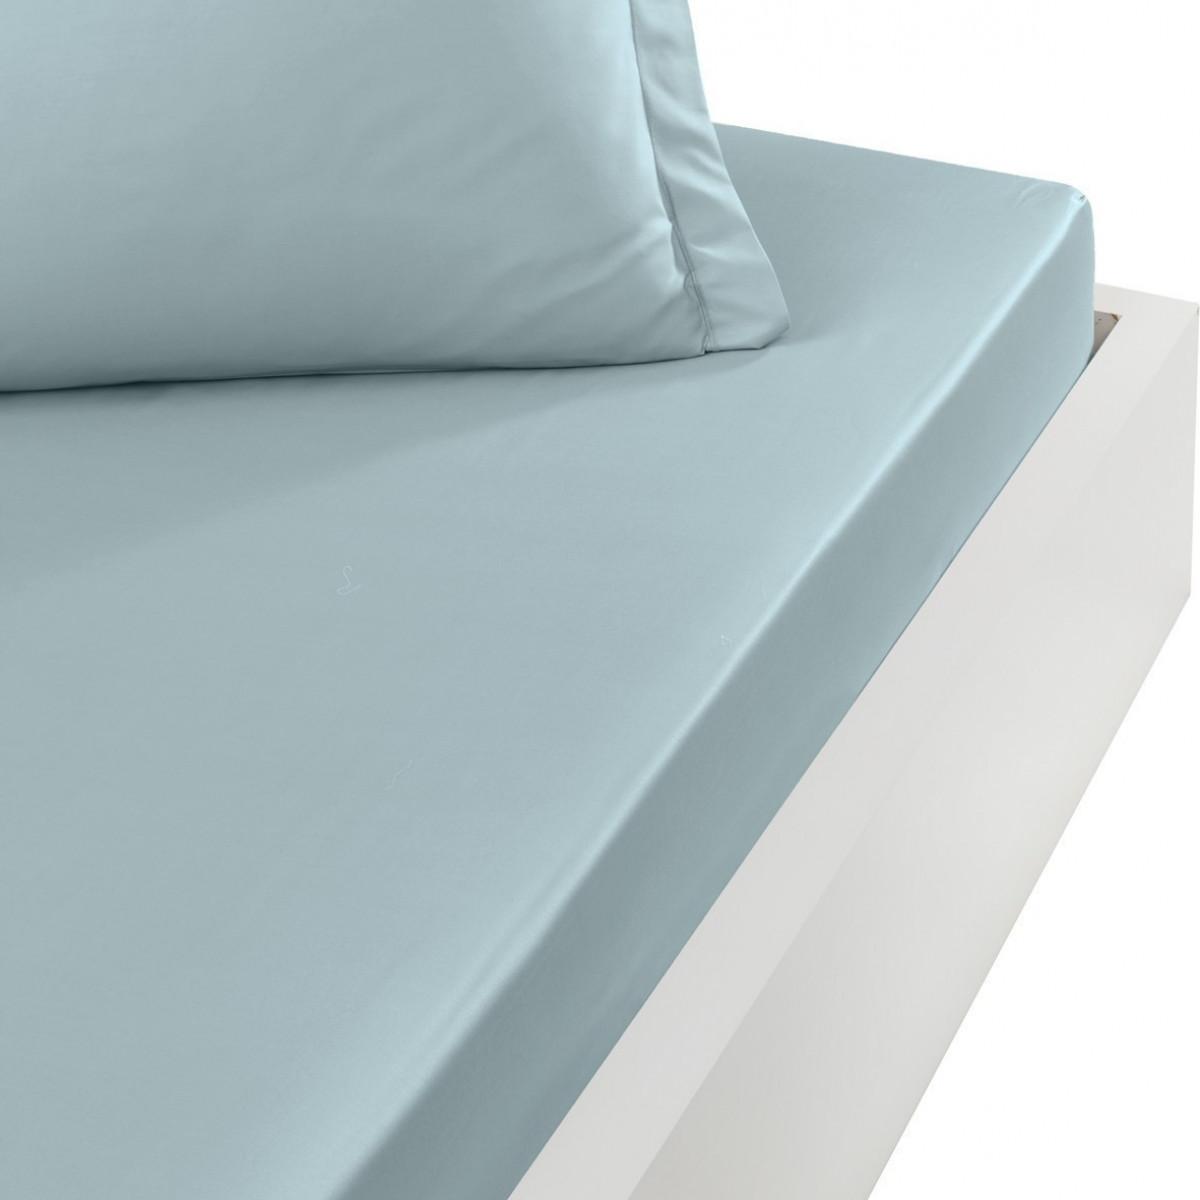 Drap housse en percale de coton bon Bleu Arctic 180x200 cm